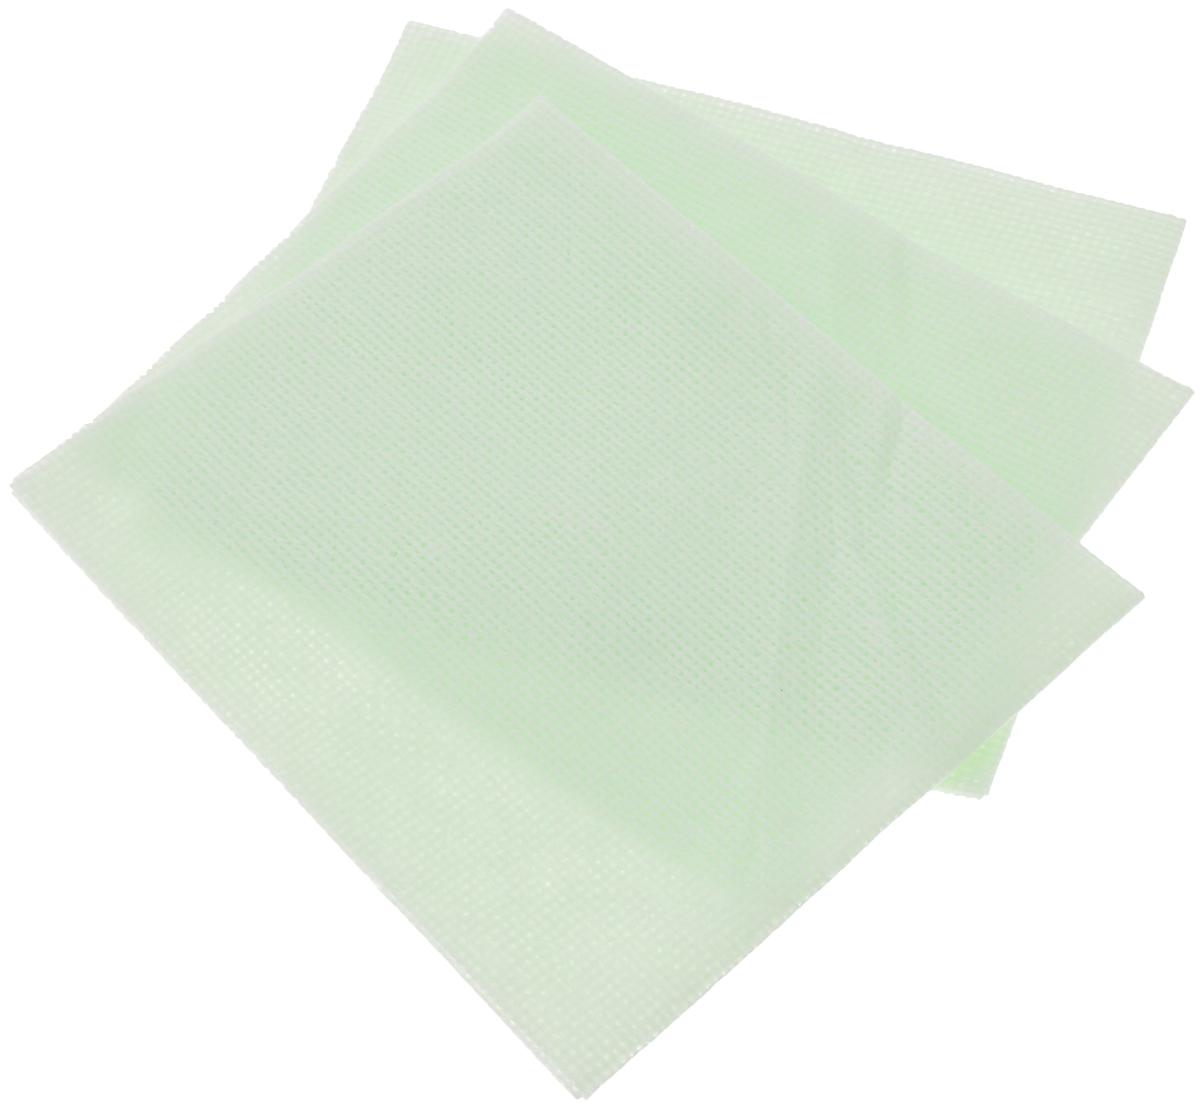 Салфетка бамбуковая La Chista, цвет: мятный, 30 х 34 см, 3 шт870341_мятныйБамбуковая салфетка для уборки La Chista предназначена для удаления жира и загрязнений с любых поверхностей без использования моющих средств. Особенности салфетки: - жироотталкивающие свойства; - антибактериальный эффект. Состав: 70% бамбуковое волокно, 20% полиэстер, 10% вискоза. Размер салфетки: 30 х 34 см.